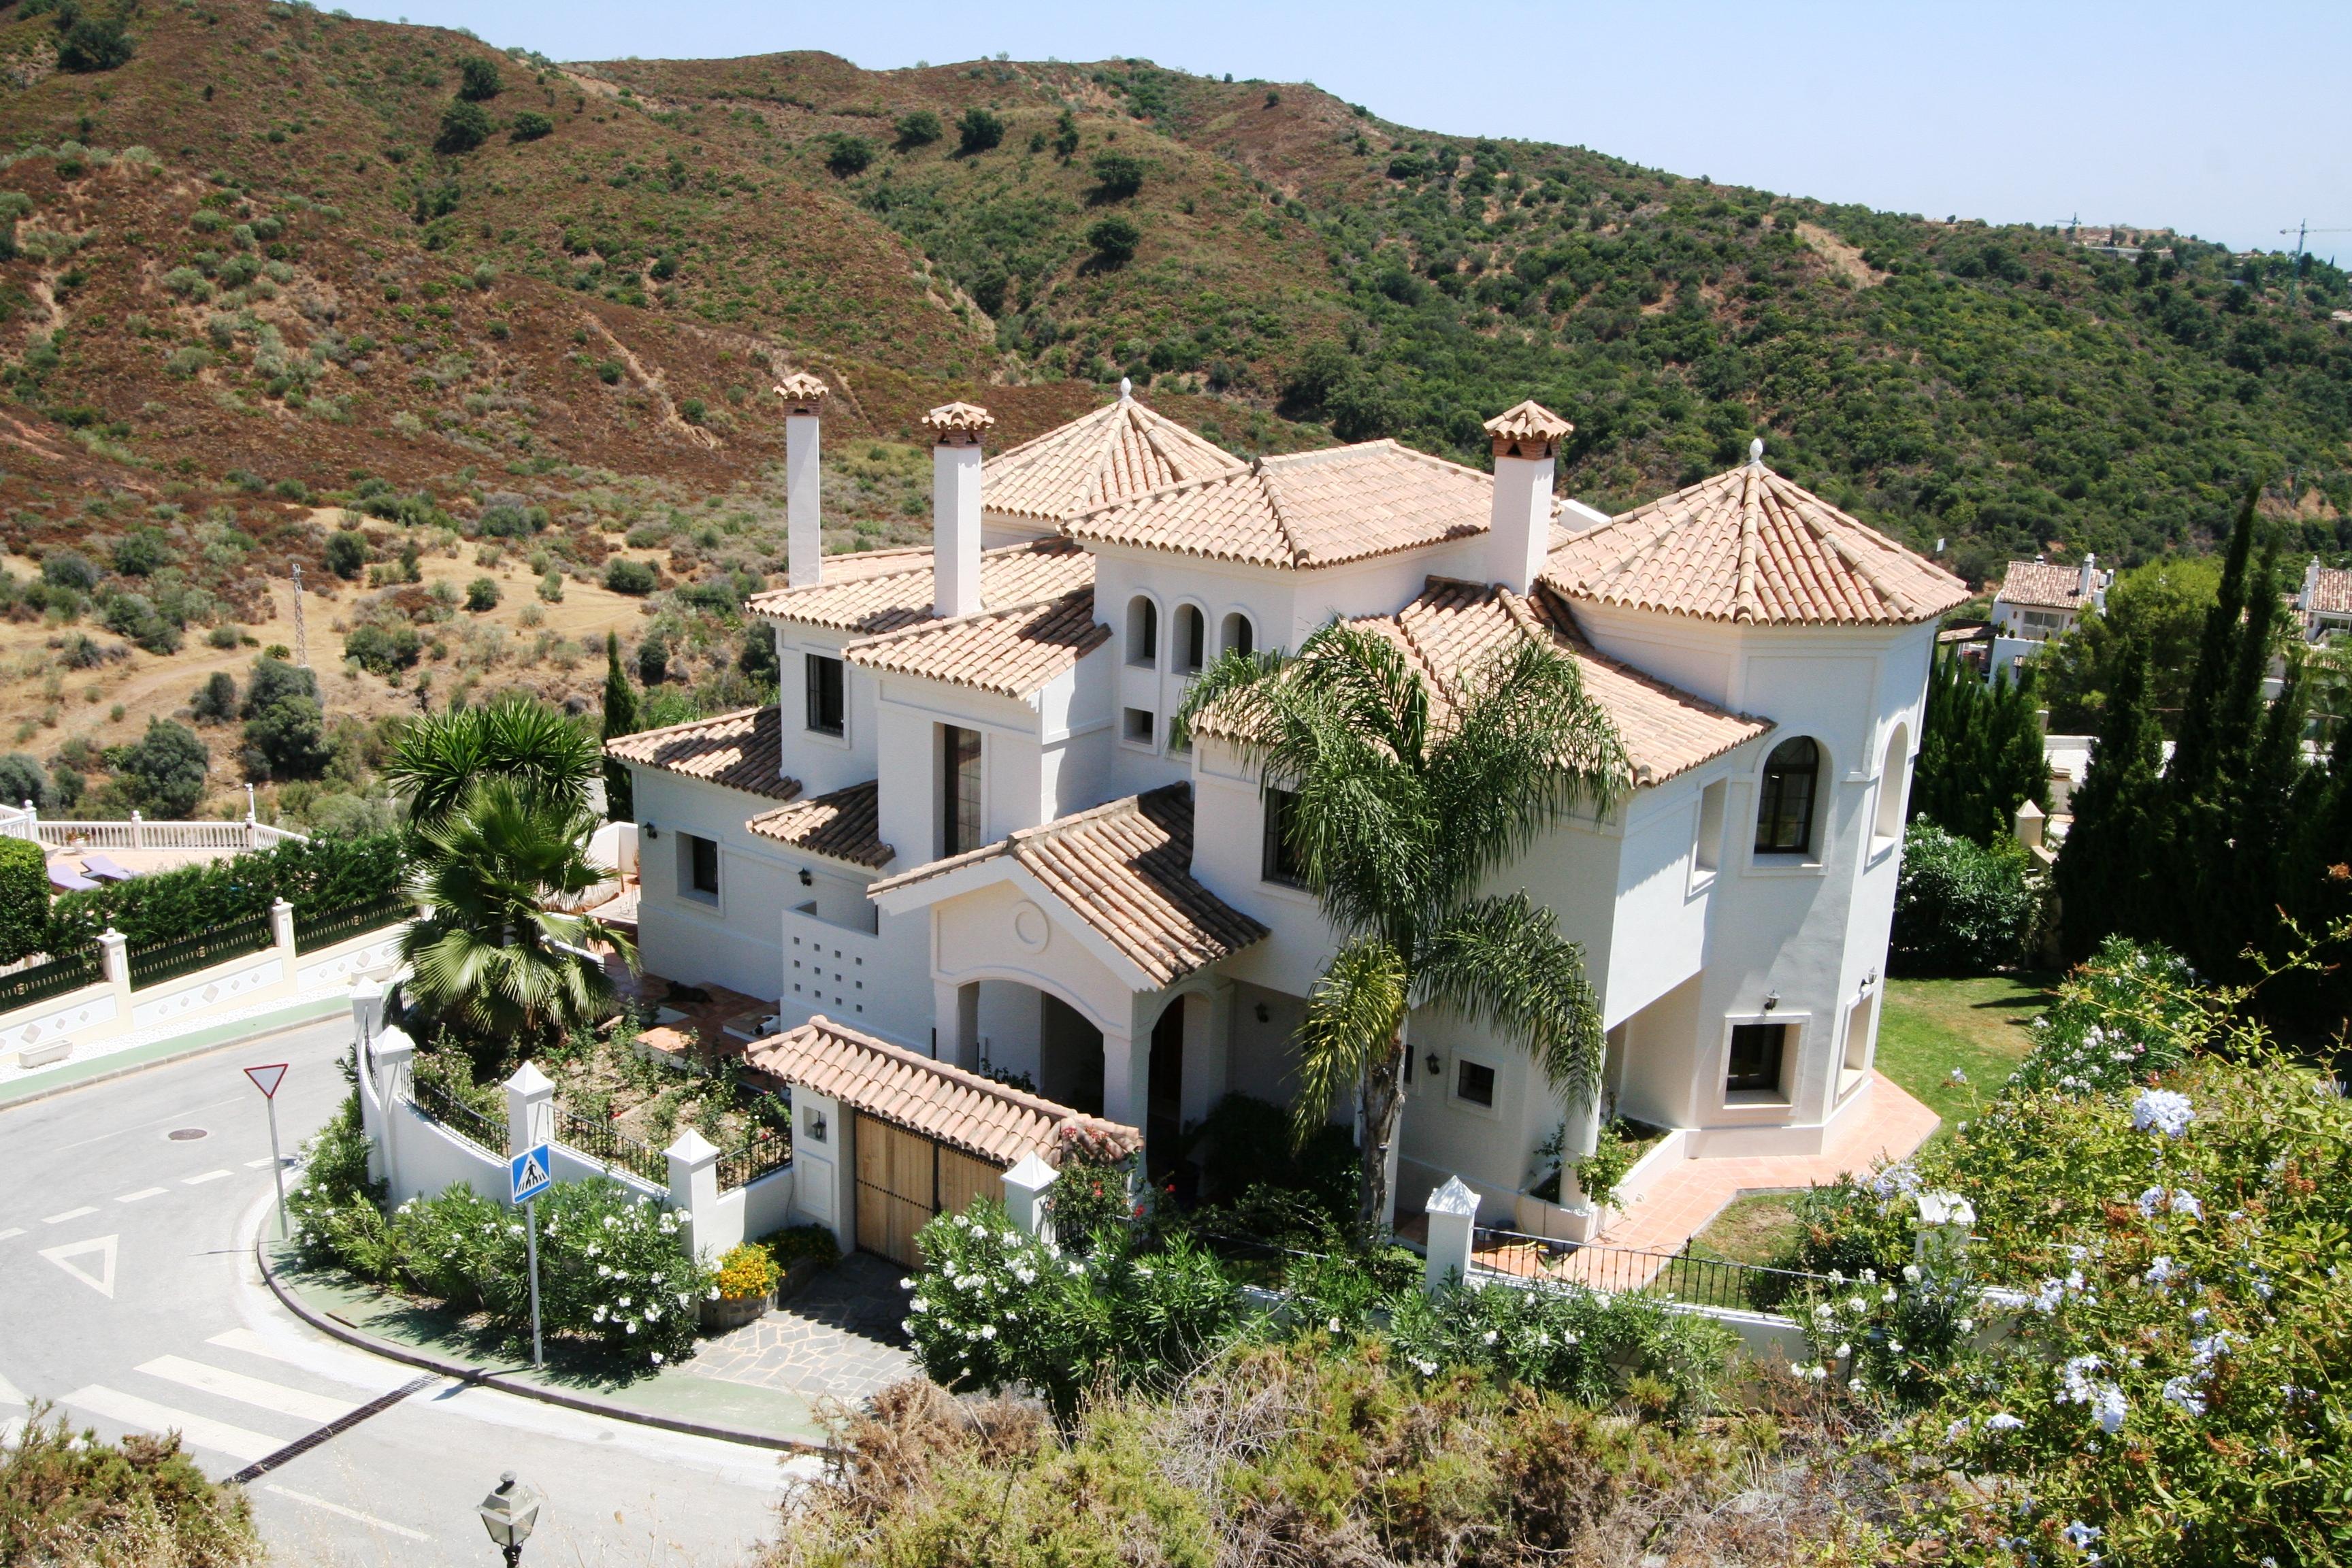 Villa 4 bed 4 bath La  Quinta 354 m2 built 1100 m2 plot